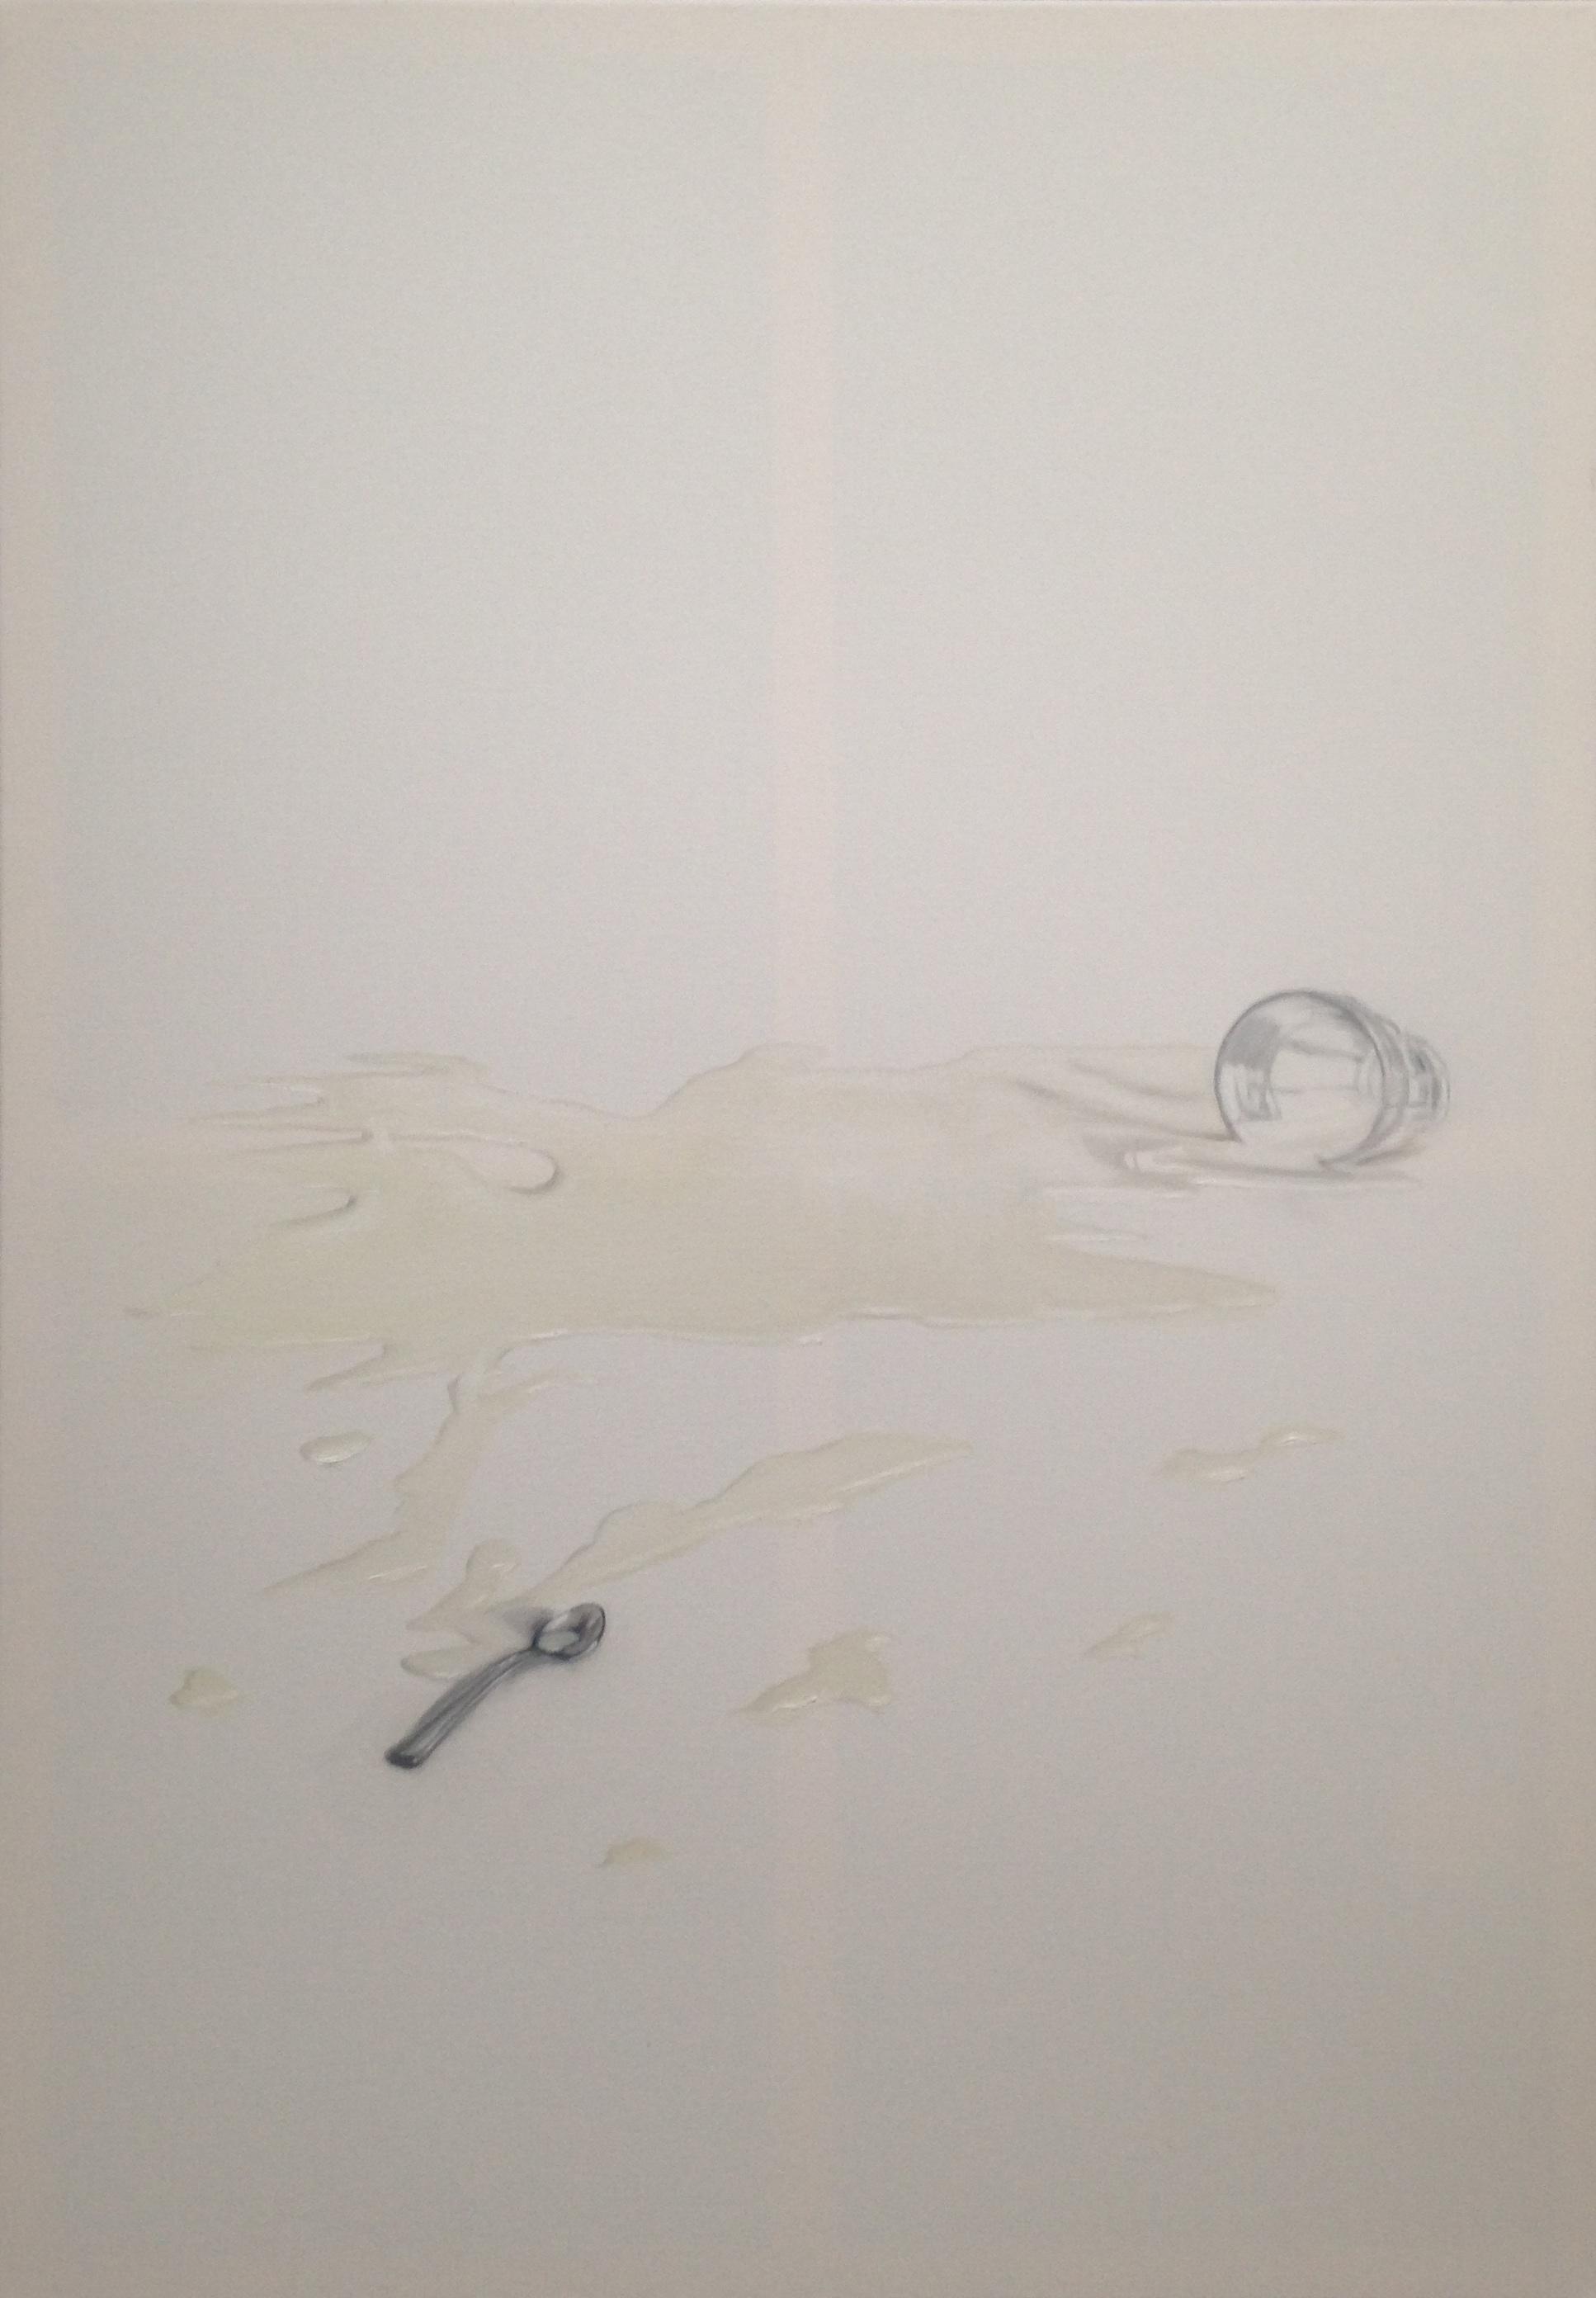 A 5) Latte versato, bicchiere e cucchiaino, 2018, 100x70